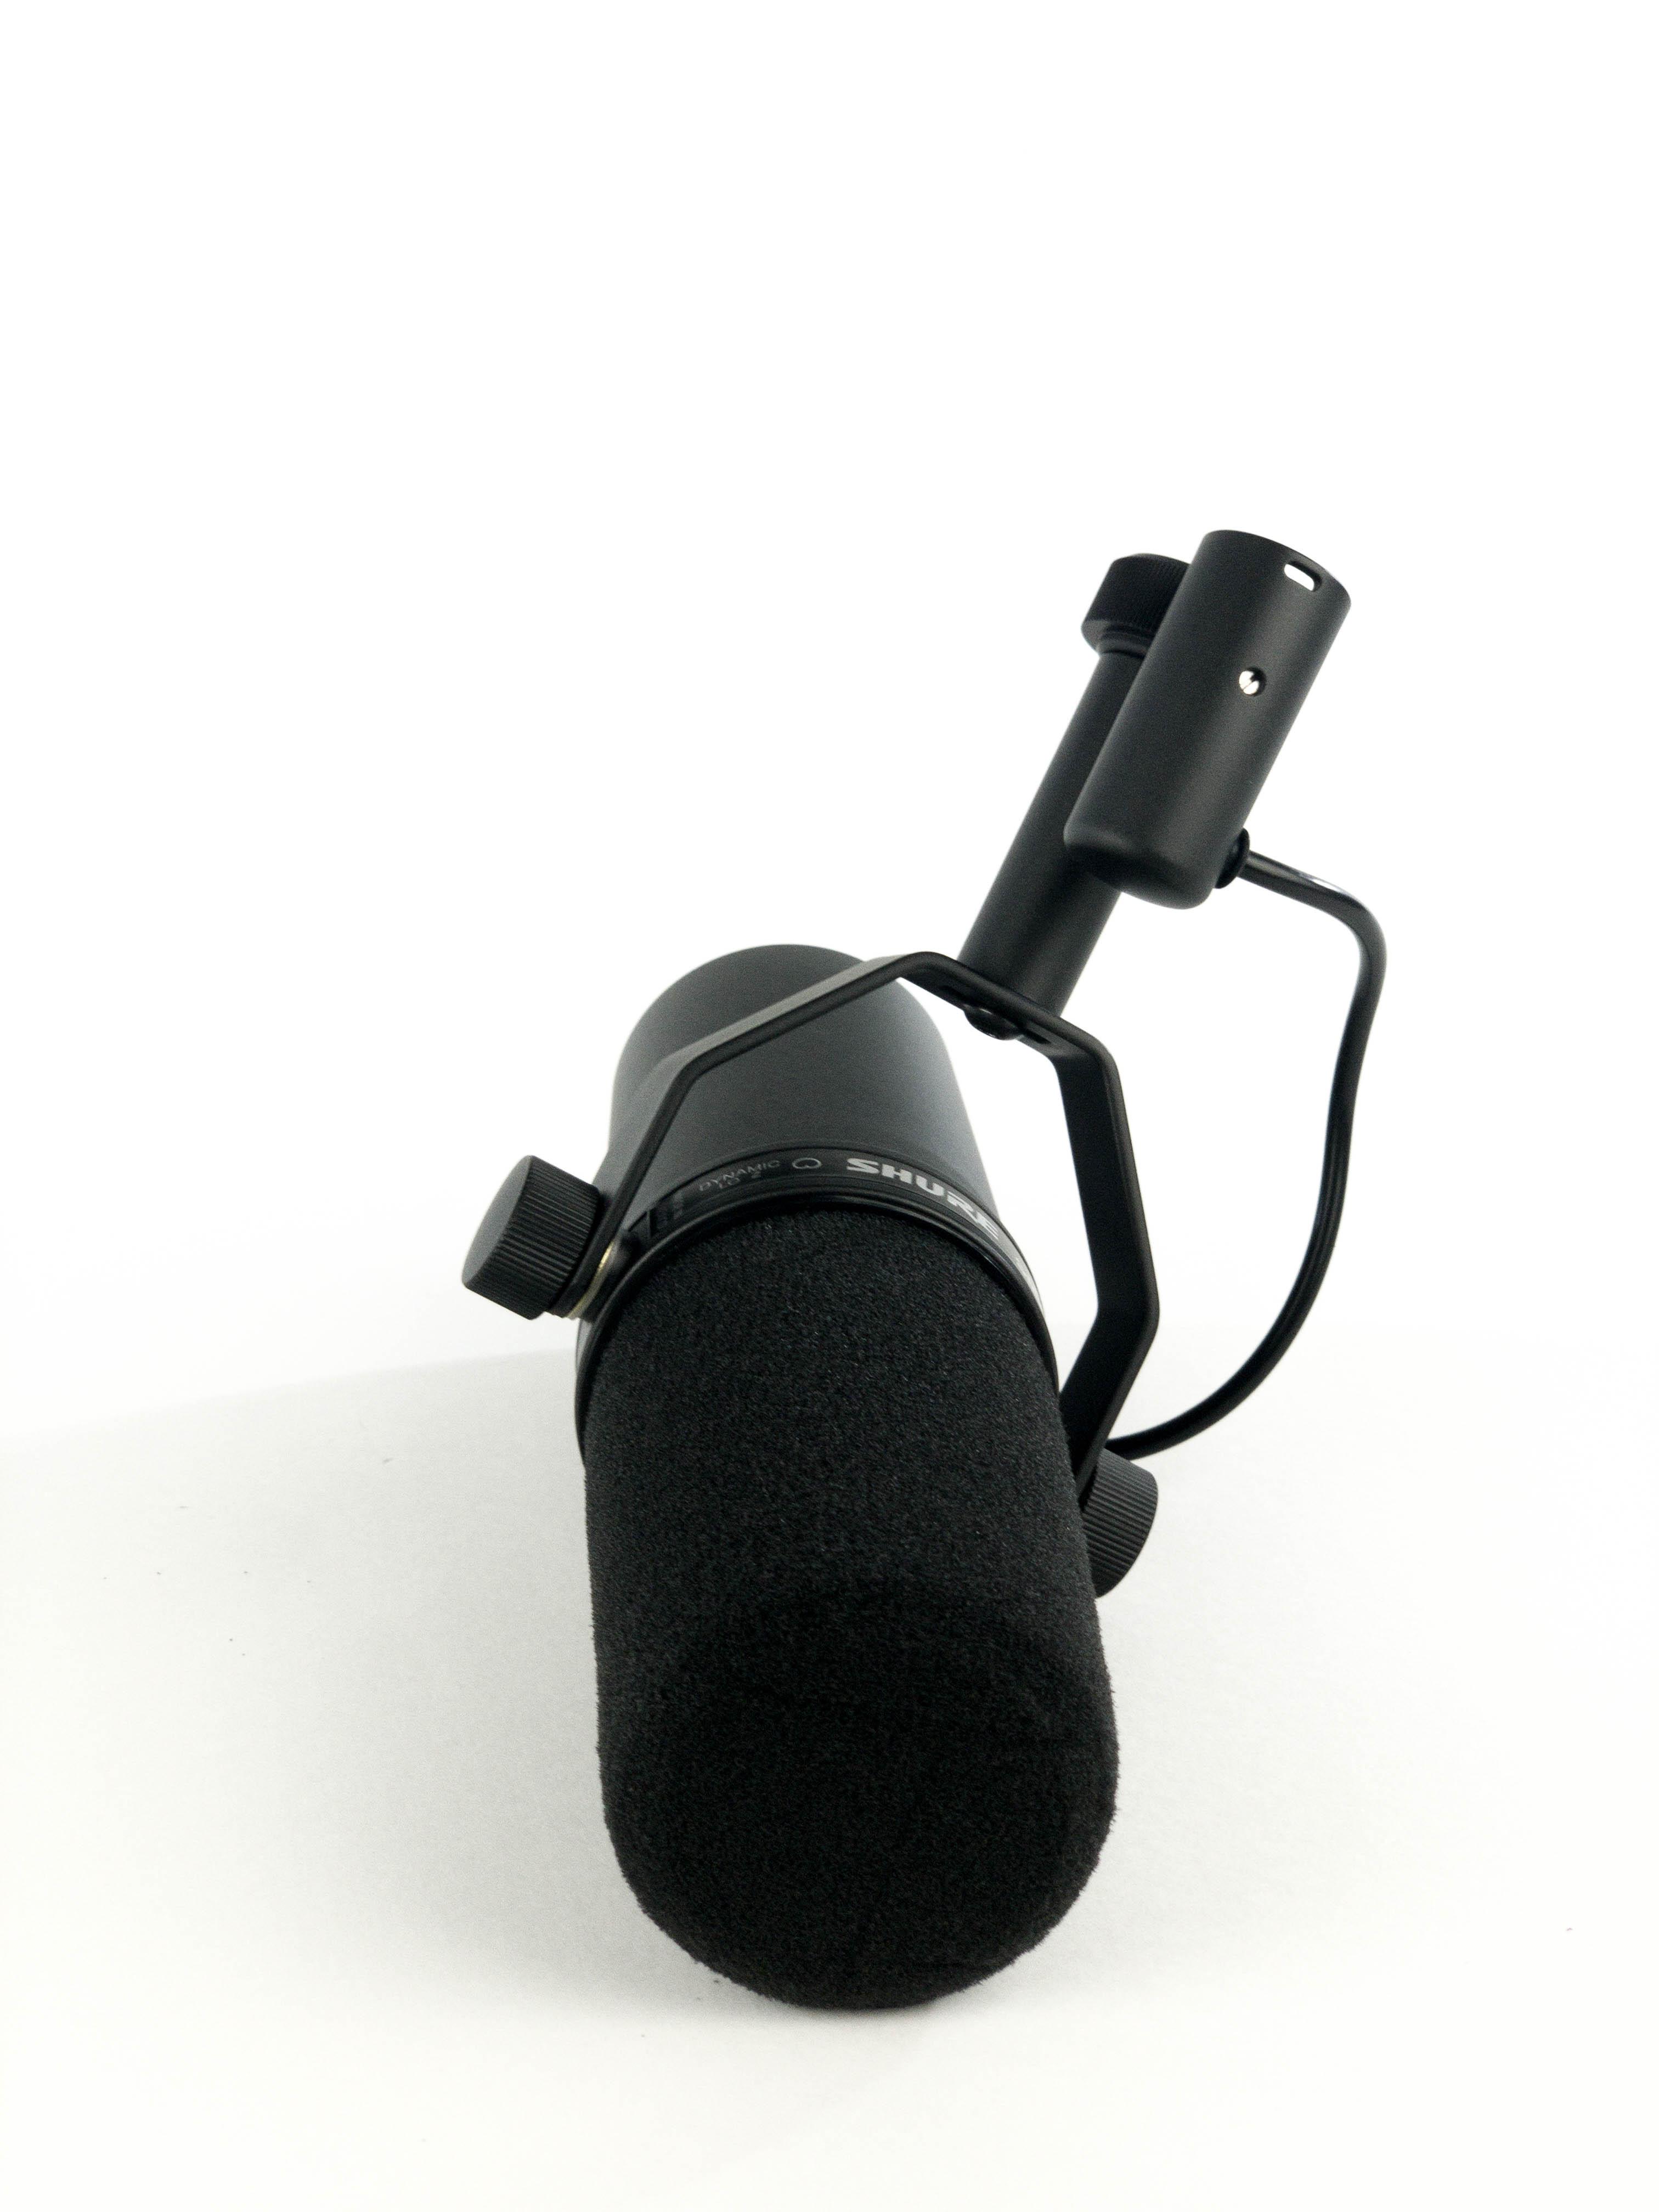 Shure SM7B Studiemikrofoner & opptak